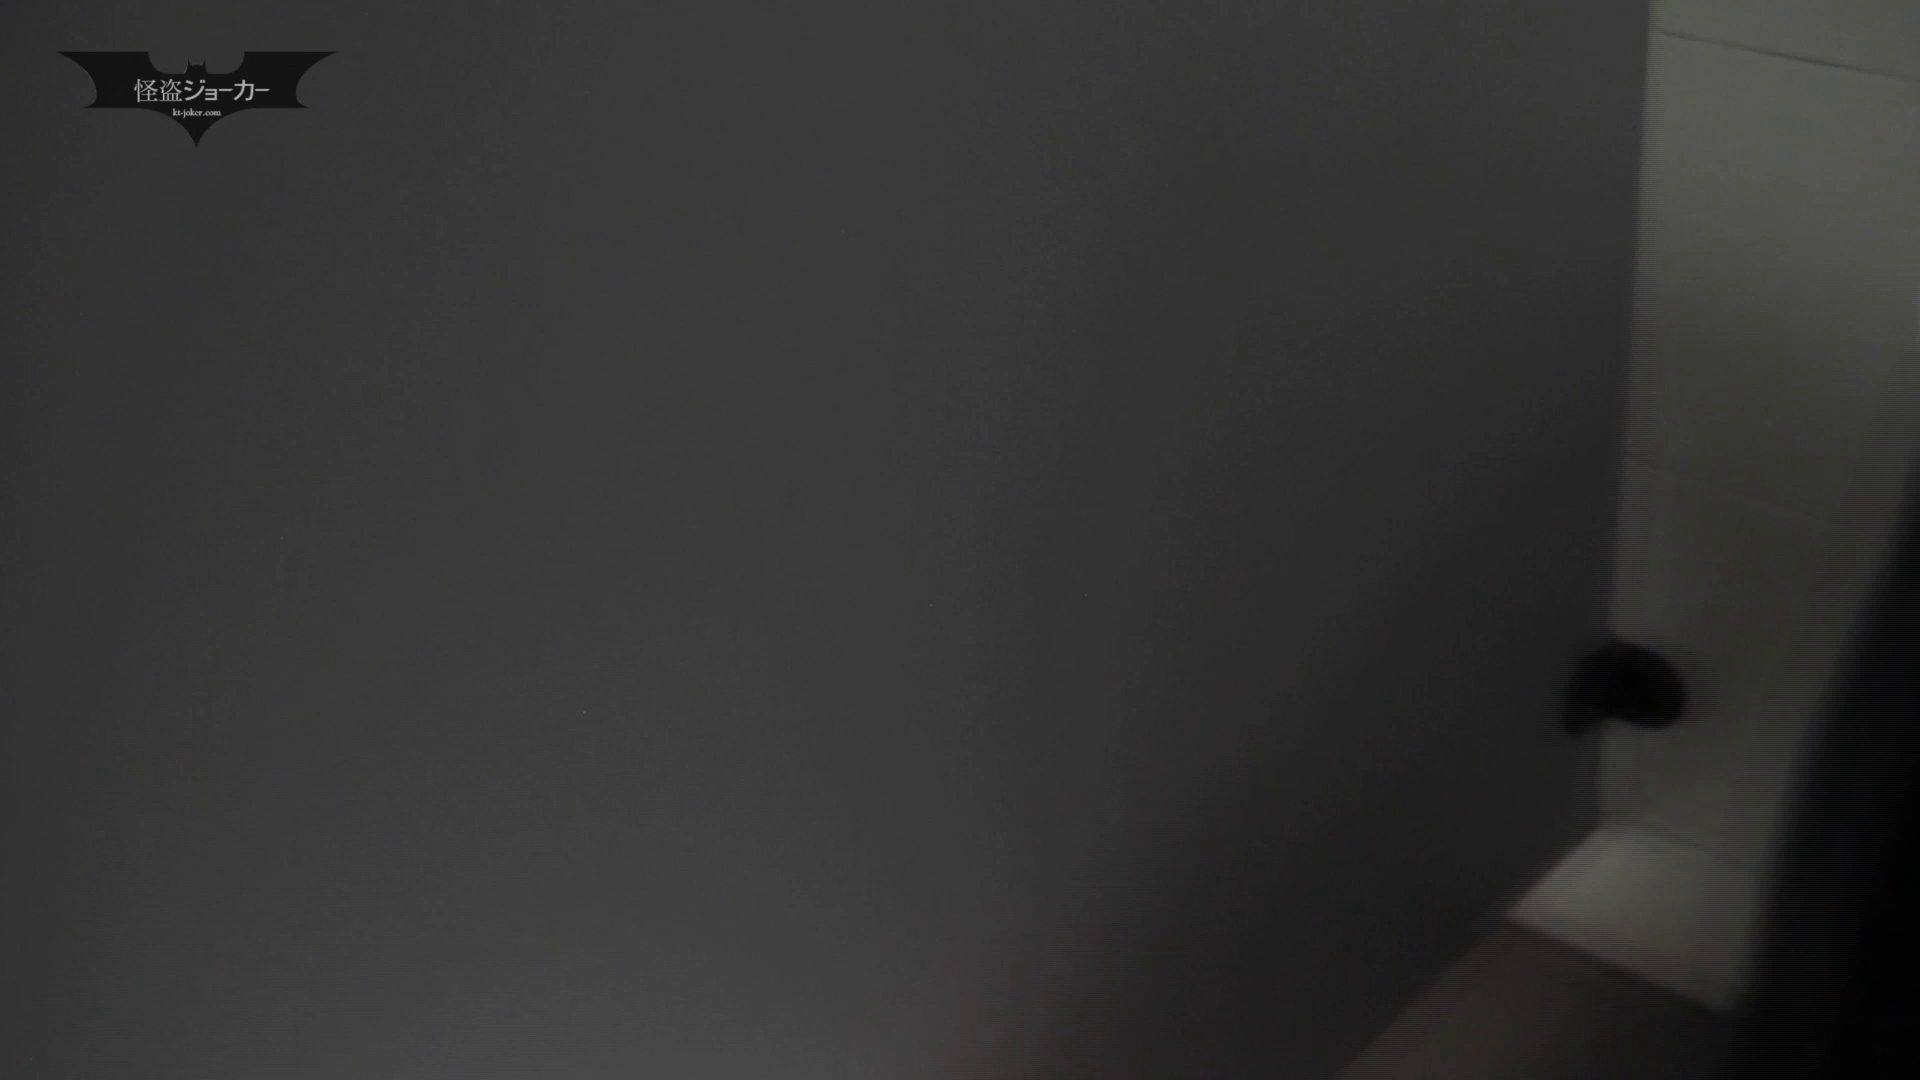 潜入!!台湾名門女学院 Vol.11 三尻同時狩り 美女達のヌード | 盗撮エロすぎ  65連発 54